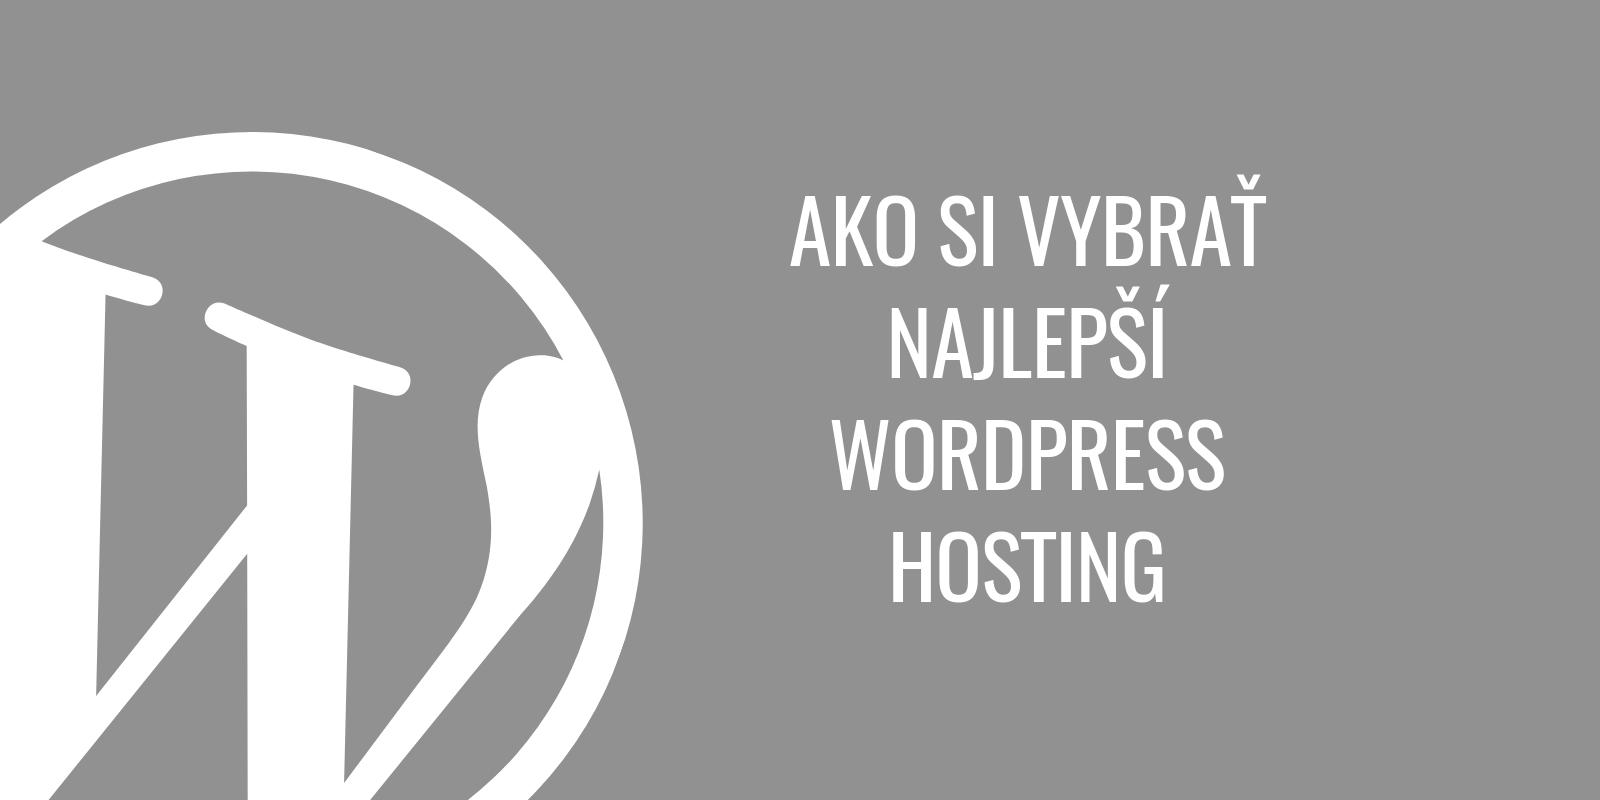 Ako si vybrať najlepší WordPress hosting